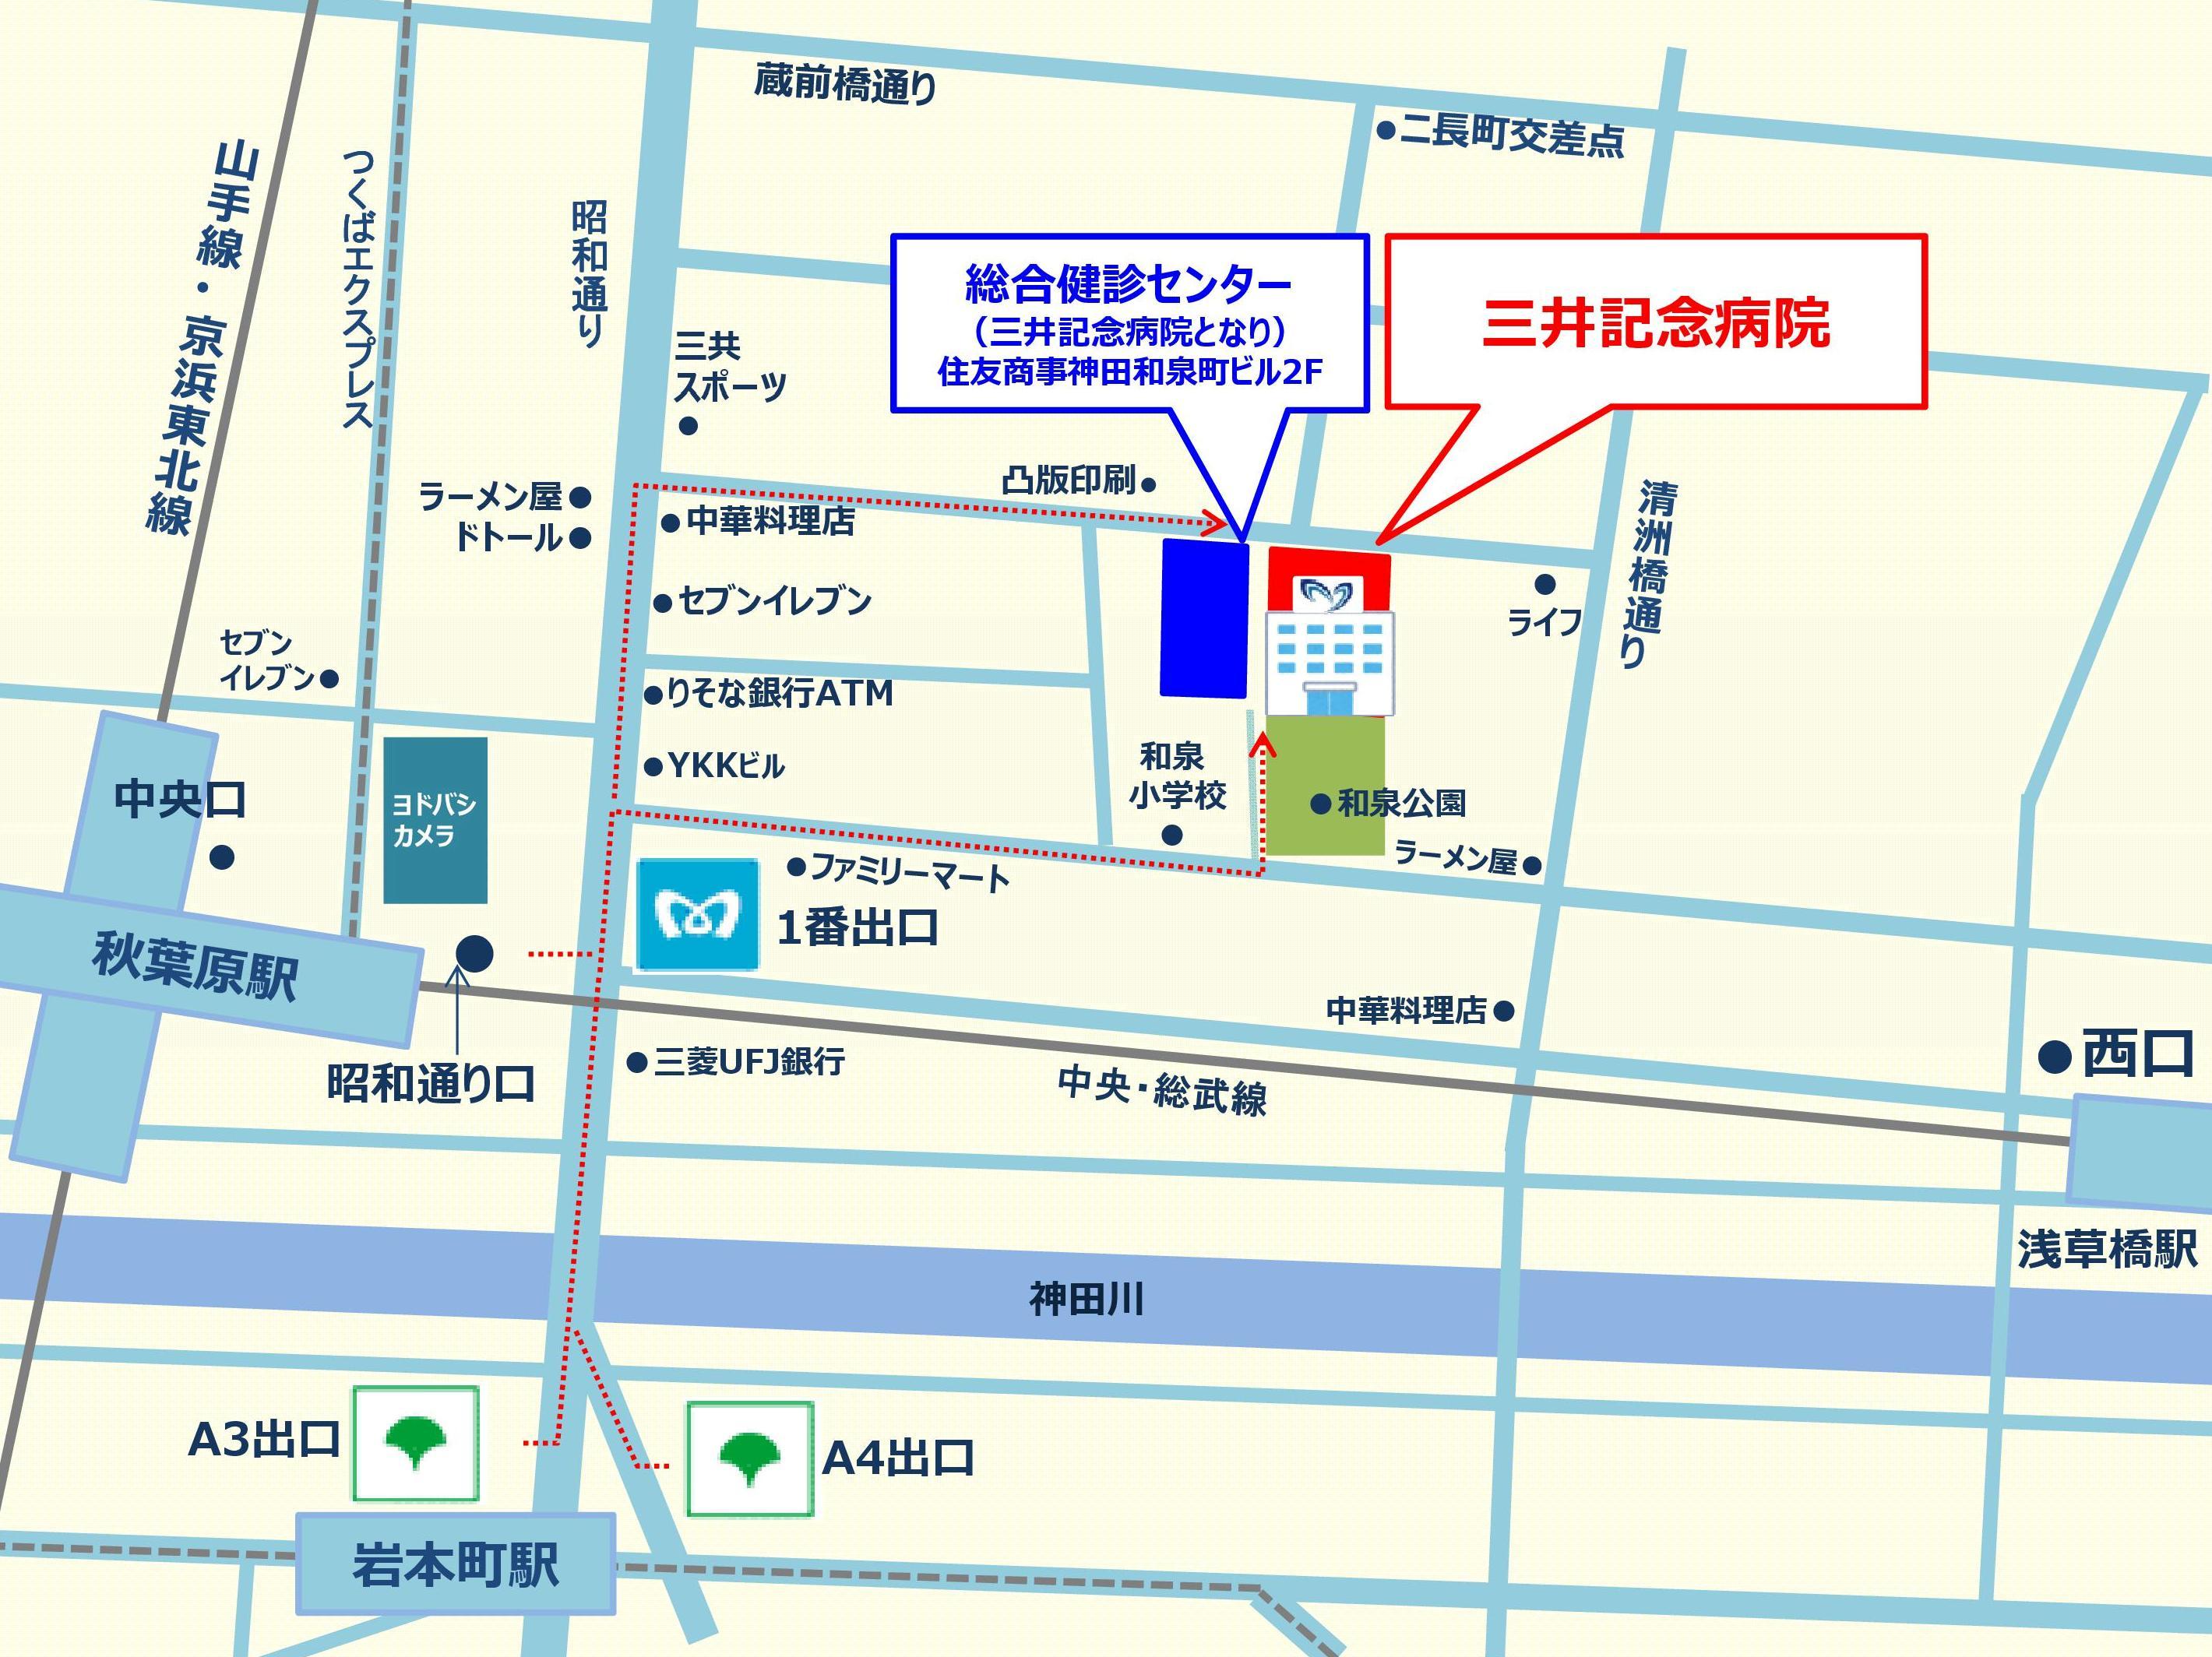 周辺地図・病院駐車場